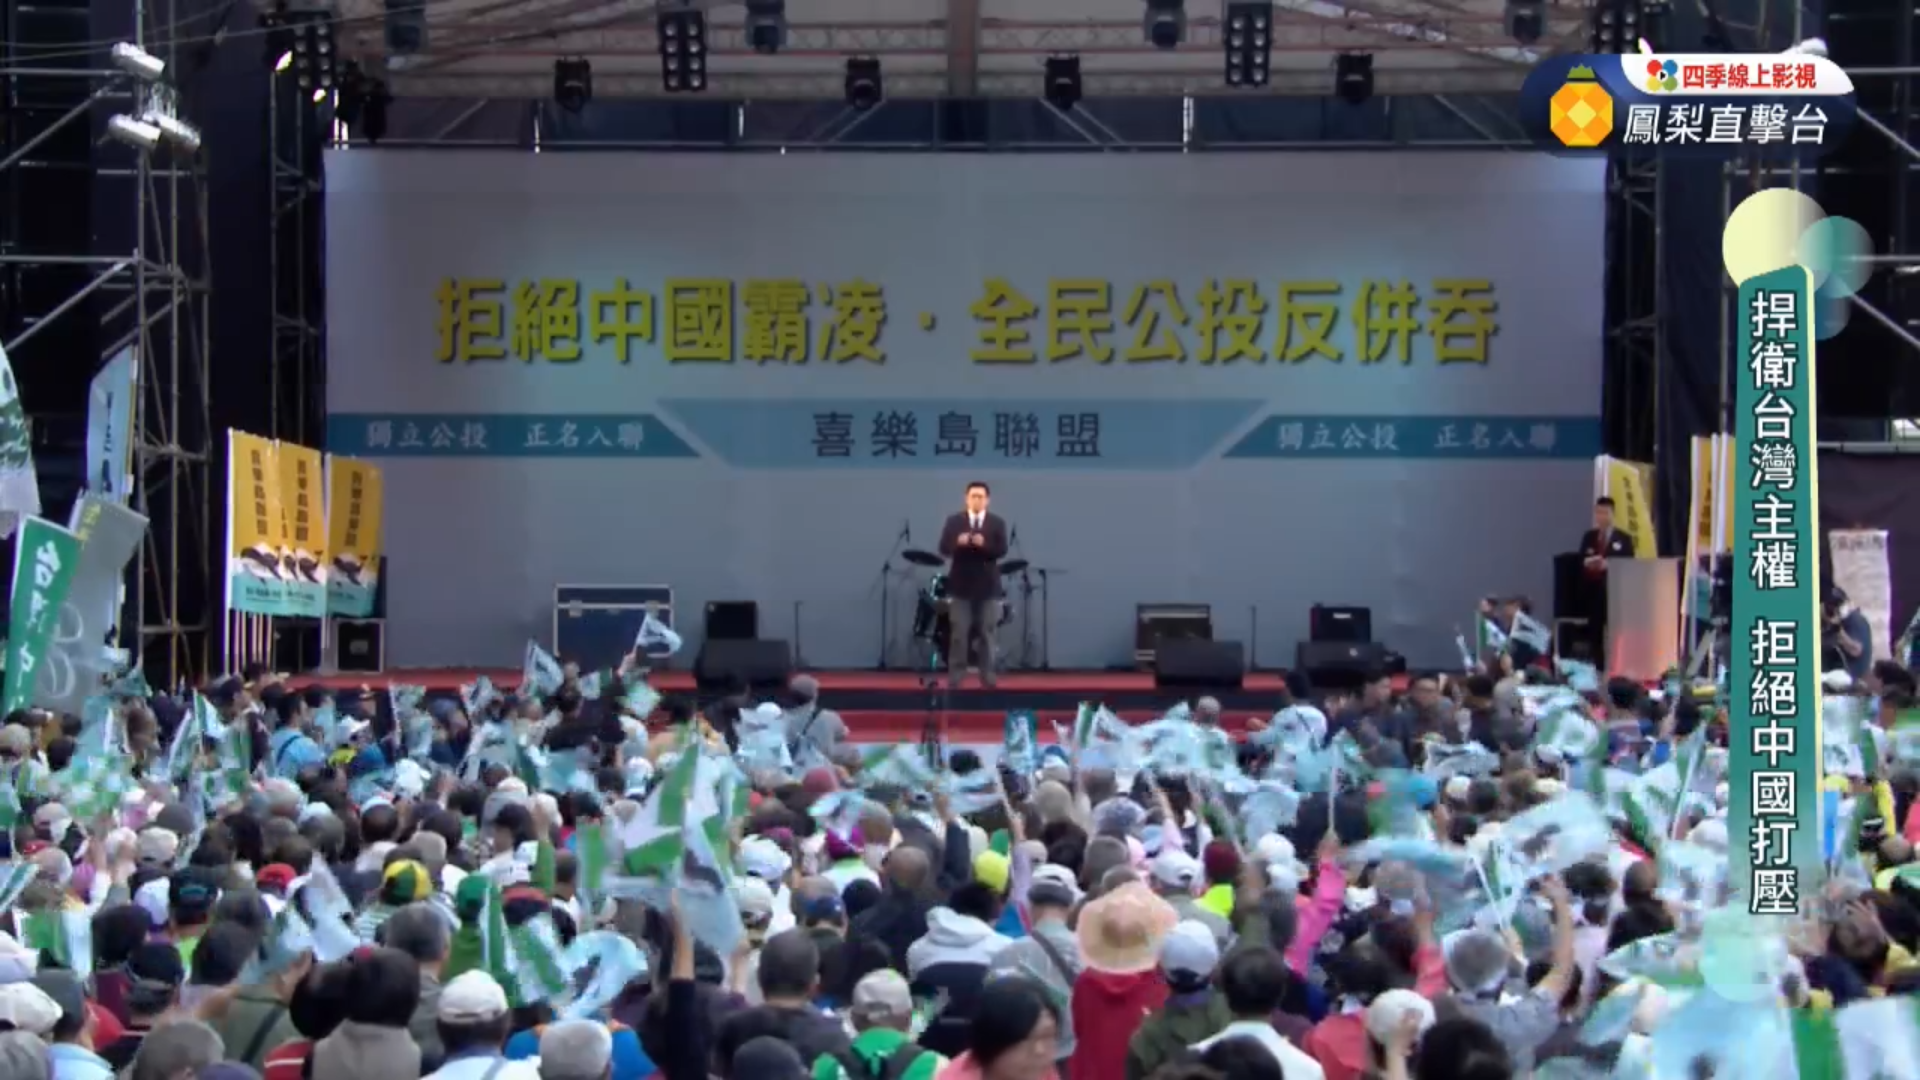 喜樂島「反併吞正名公投」活動 獨派稱12萬人參與